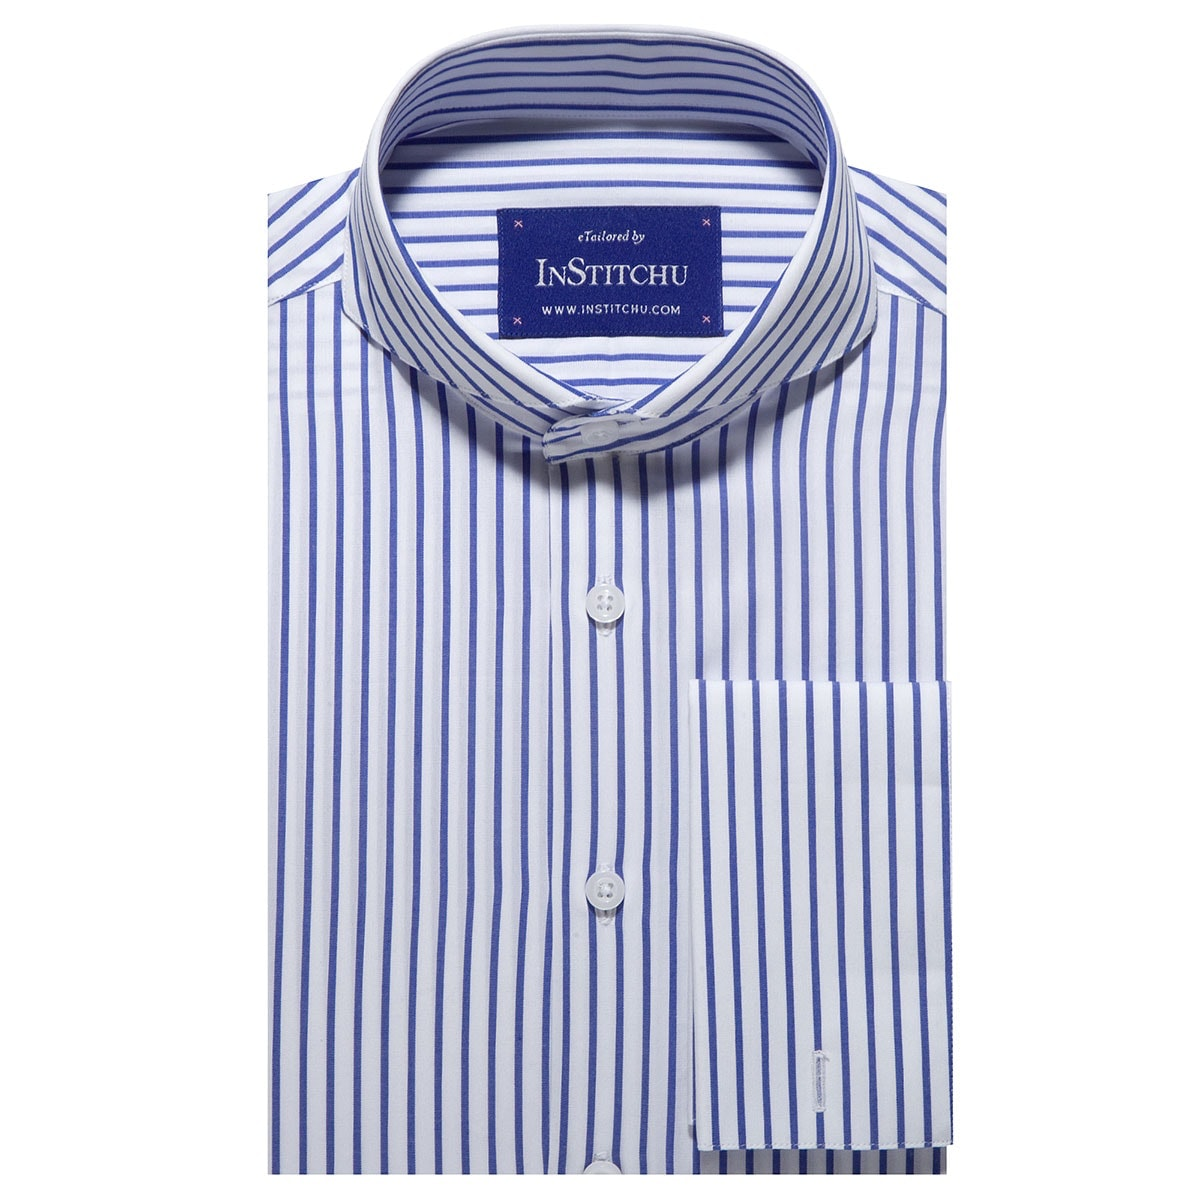 Lanai shirt